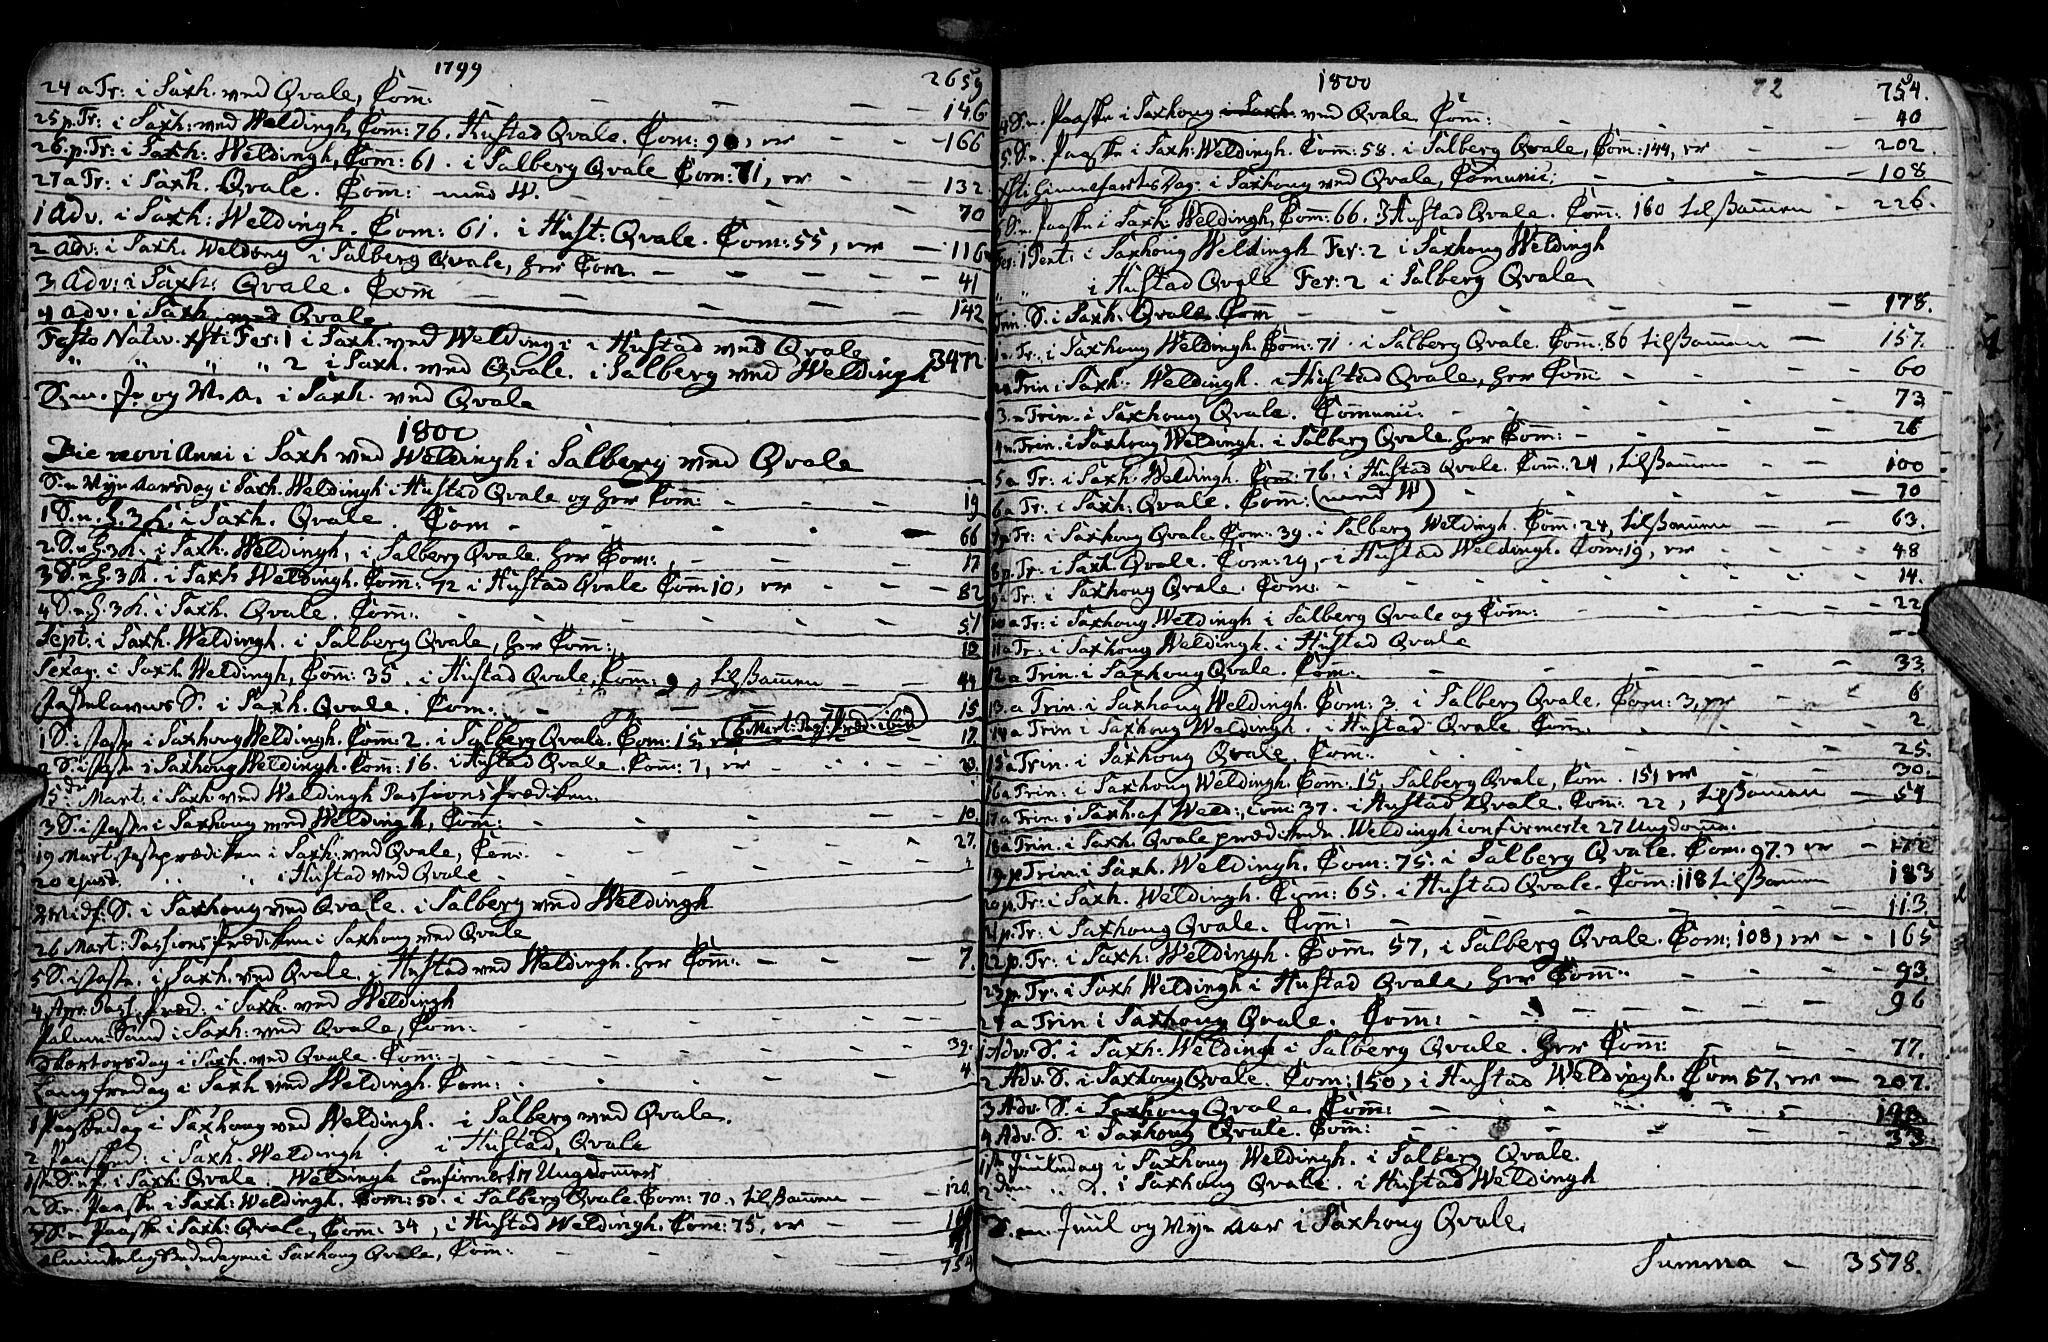 SAT, Ministerialprotokoller, klokkerbøker og fødselsregistre - Nord-Trøndelag, 730/L0273: Ministerialbok nr. 730A02, 1762-1802, s. 72